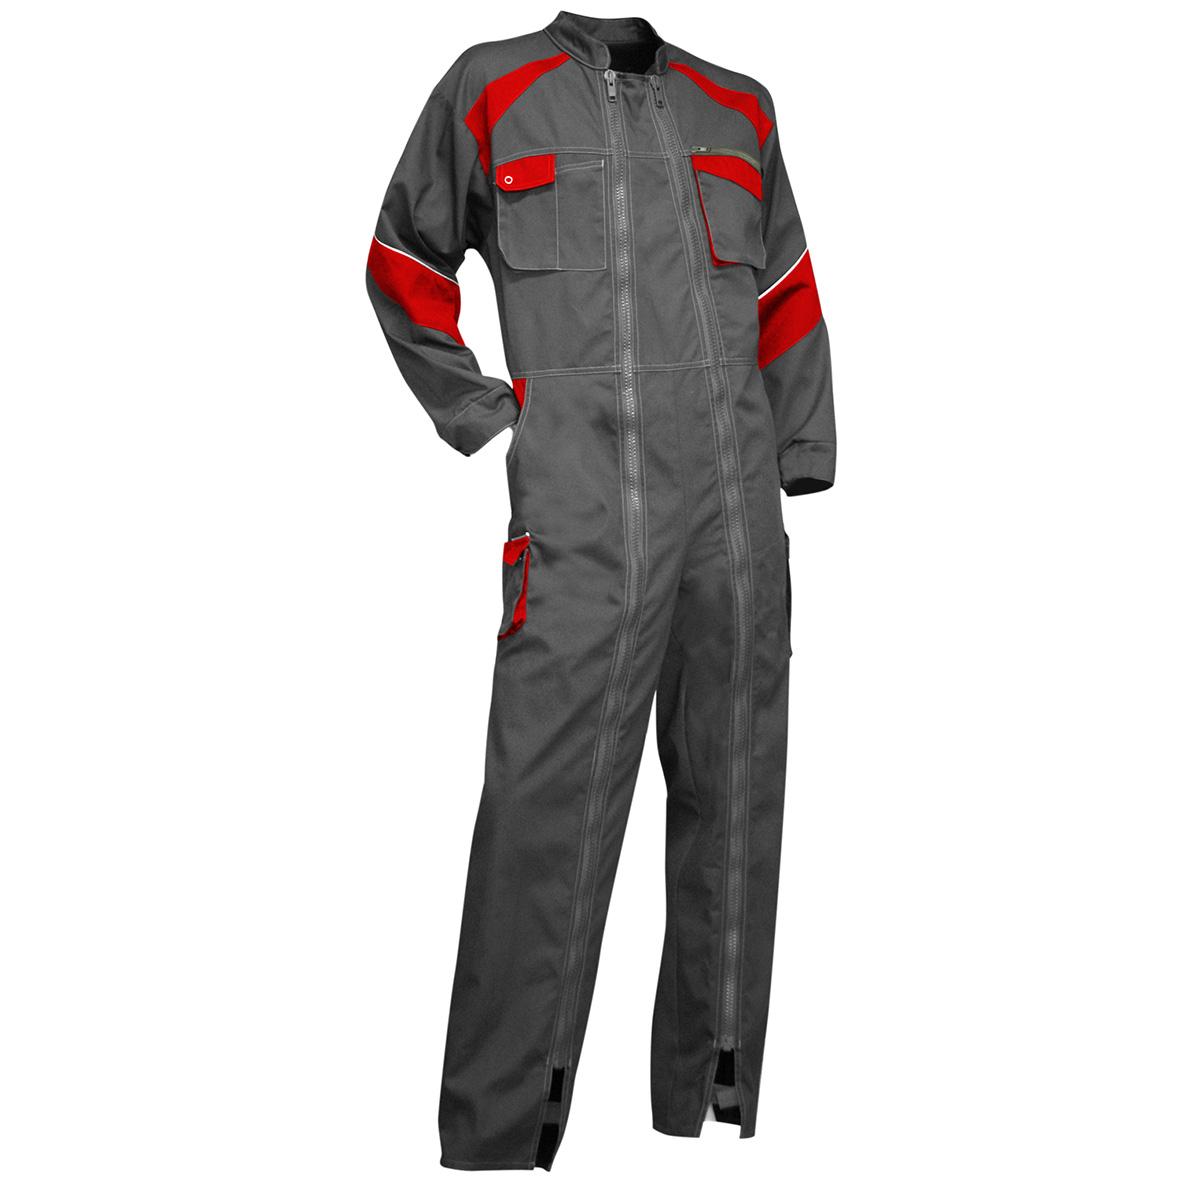 Cote de travail homme Luzerne, double fermeture gris et rouge, Taille 5